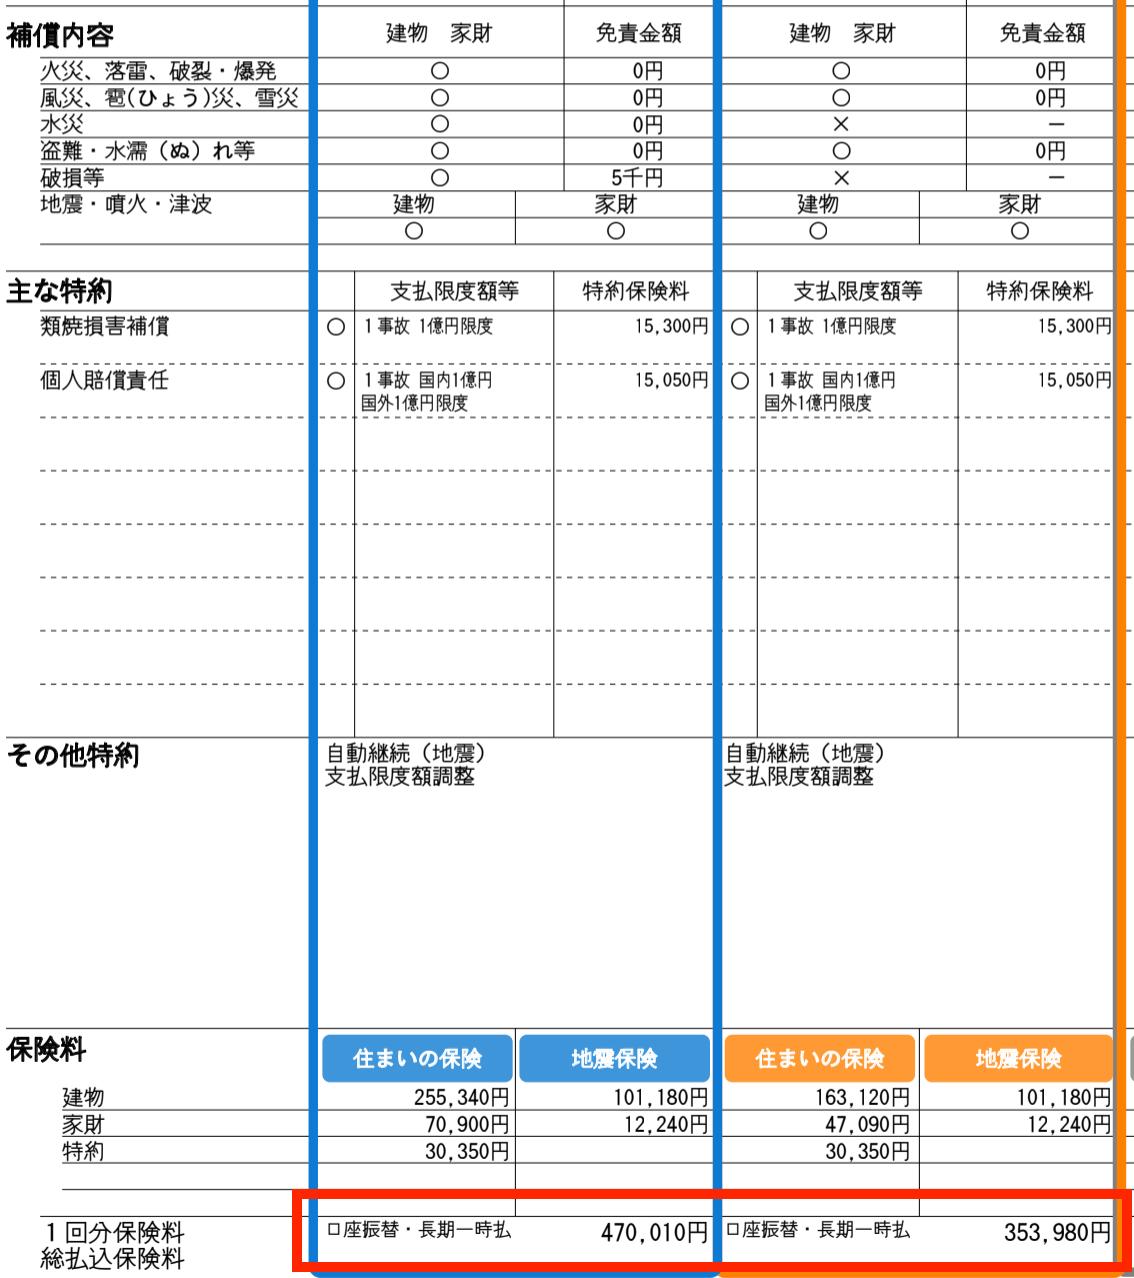 火災保険料の比較